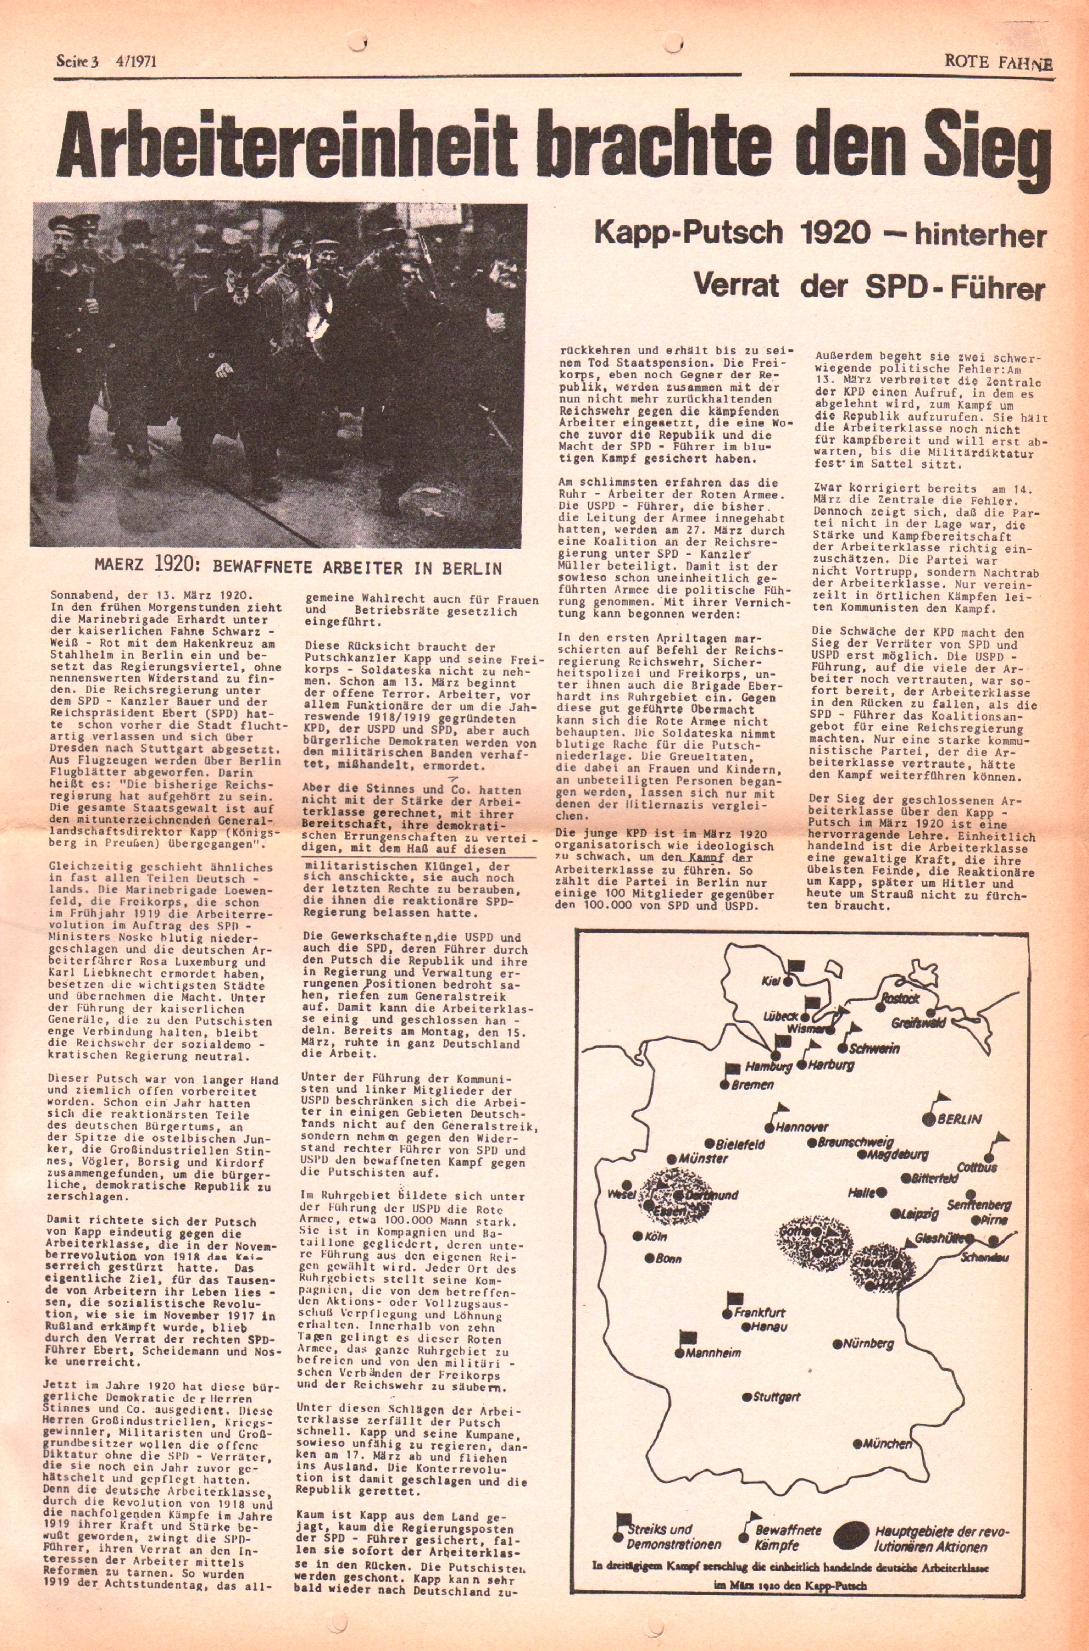 Rote Fahne, 2. Jg., 1.3.1971, Nr. 4, Seite 3